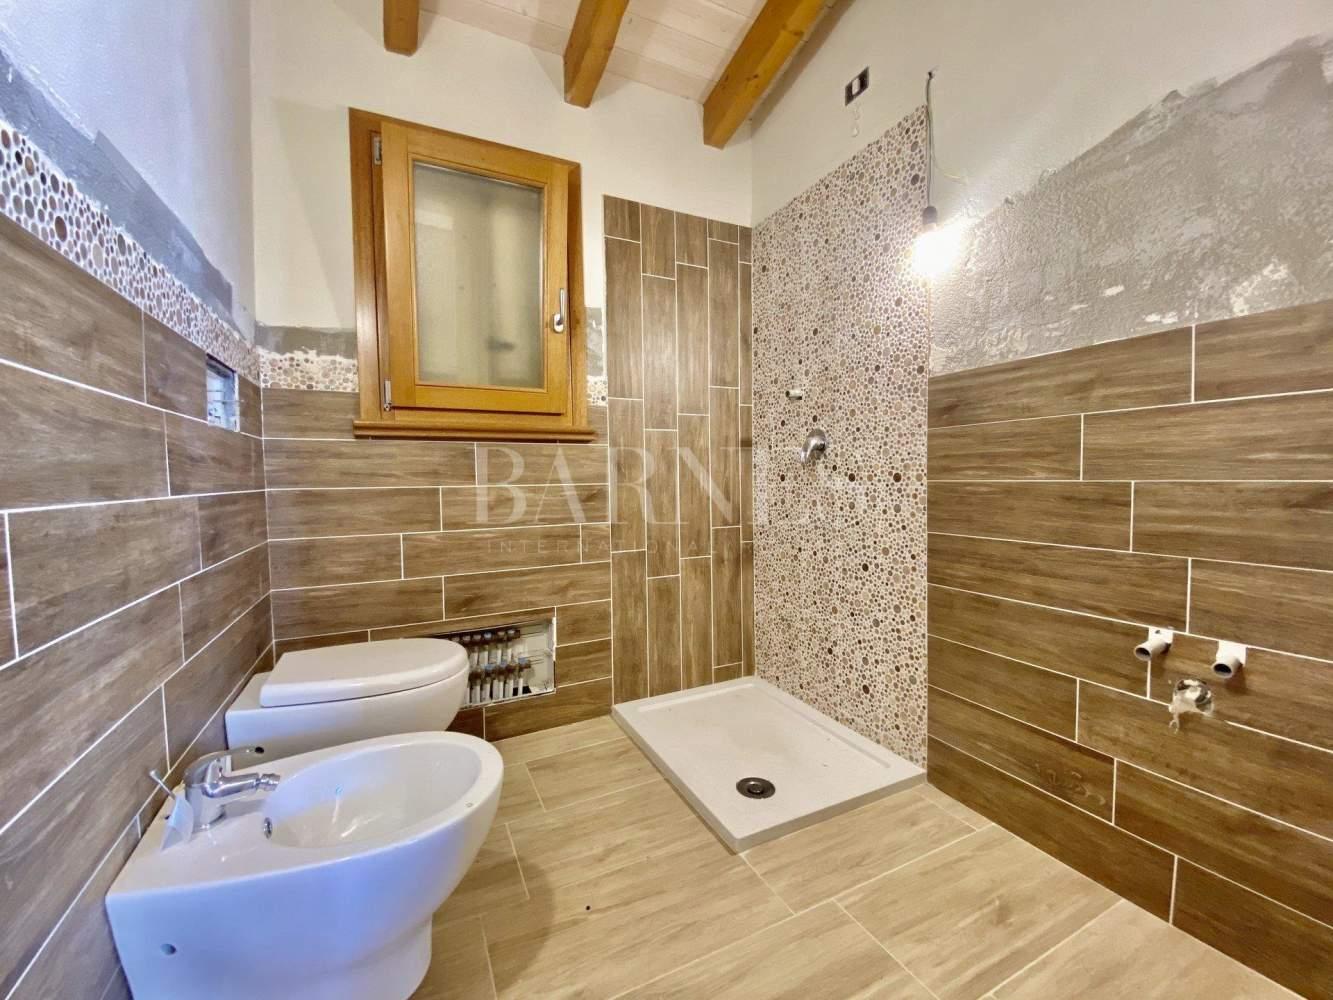 Loiri Porto San Paolo  - Maison 4 Pièces 2 Chambres - picture 15